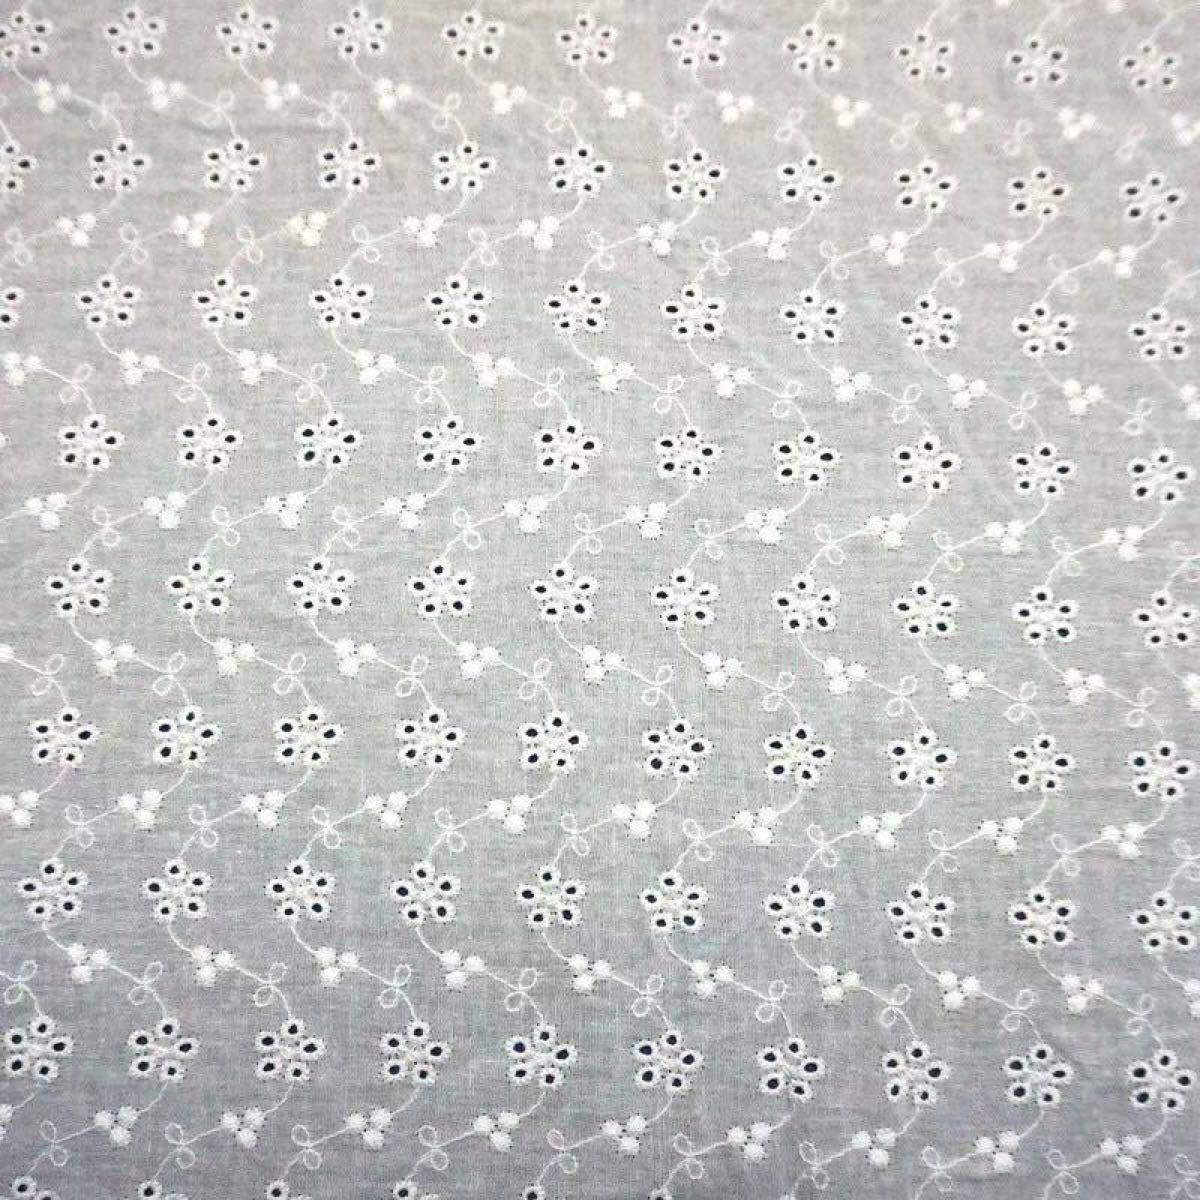 コットンレース生地 綿生地 花柄